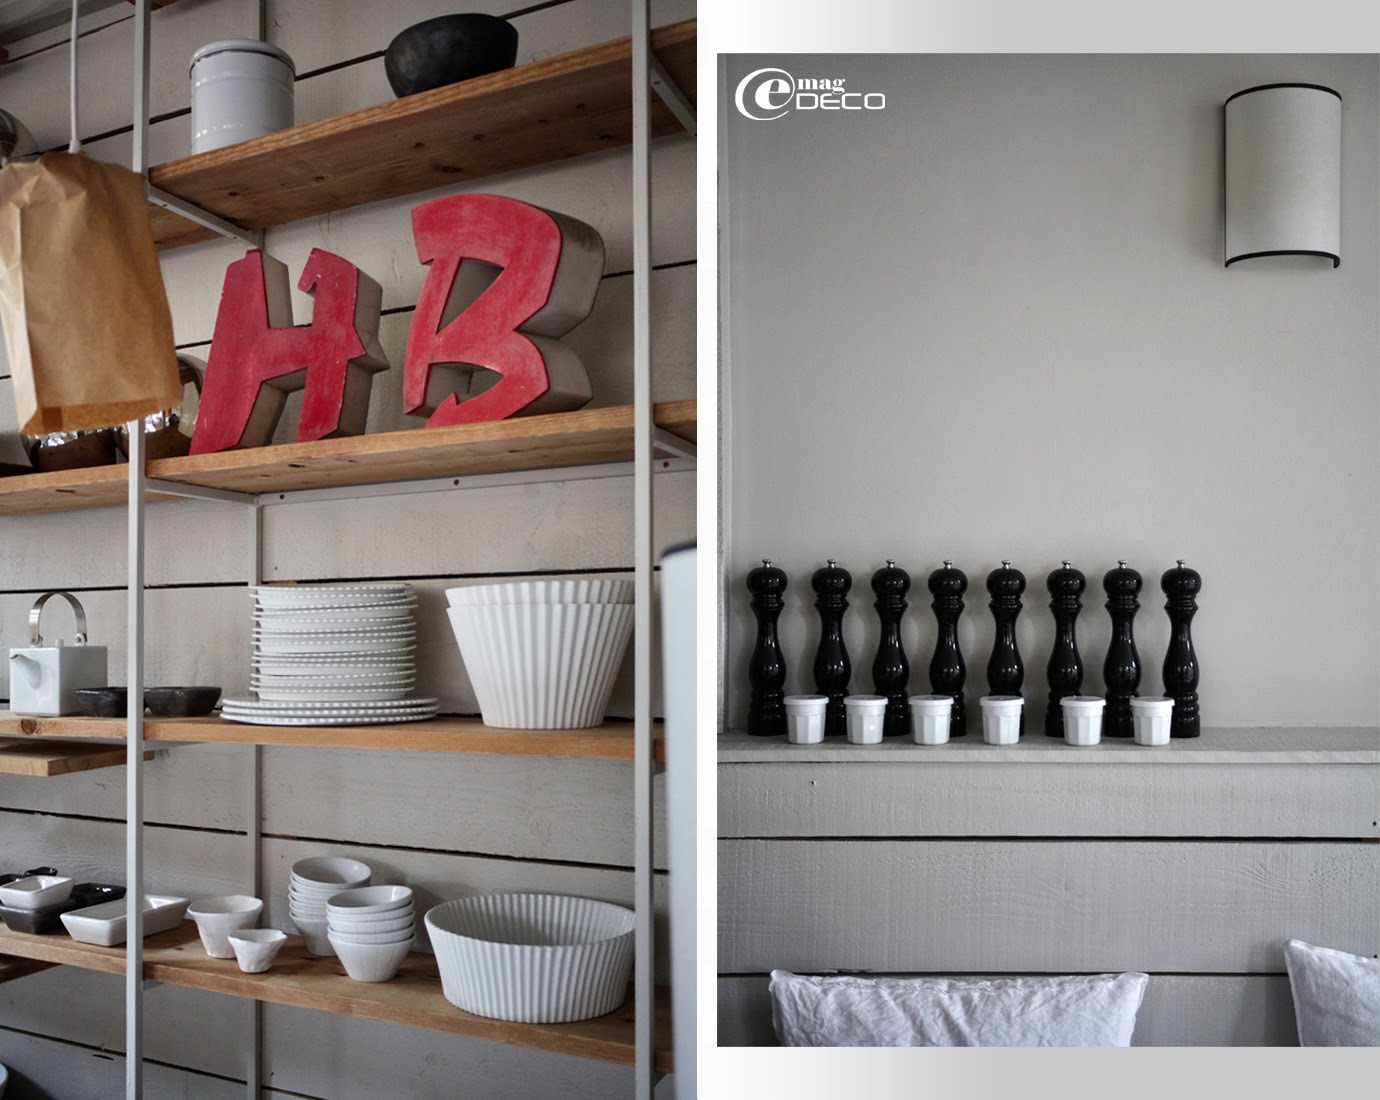 Vaisselle blanche de Paola Navone et Atelier Belart Création sur une étagère de l'hôtel La Féline Blanche